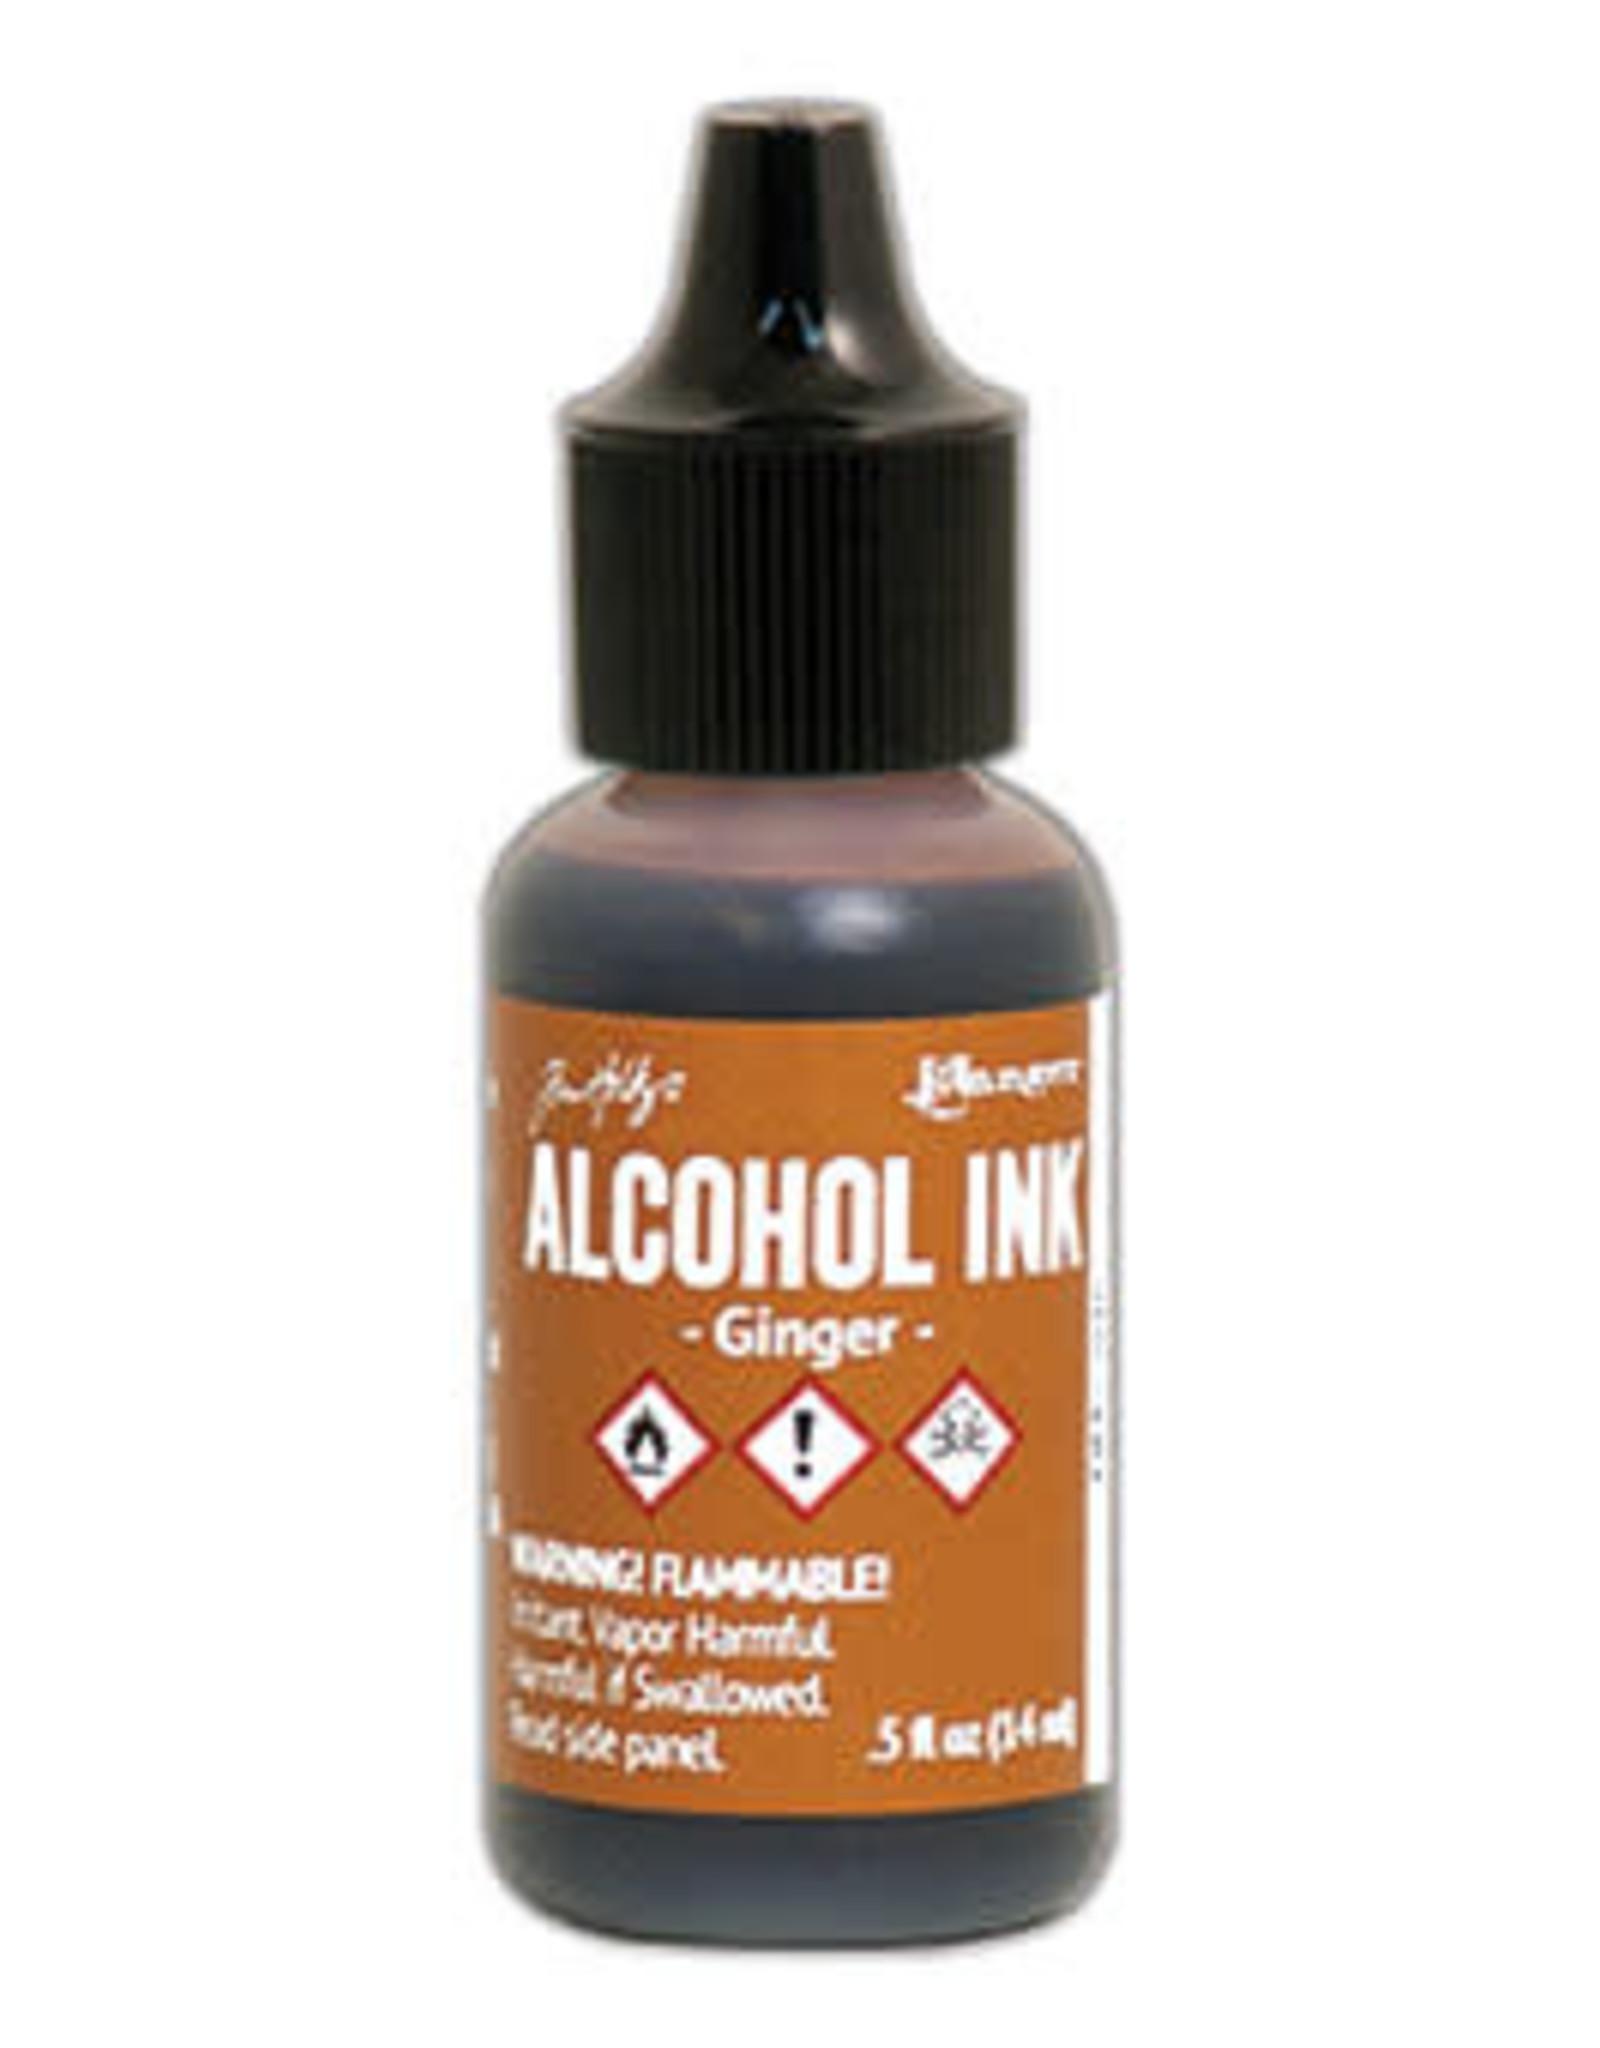 Tim Holtz Alcohol Ink 1/2 oz Ginger